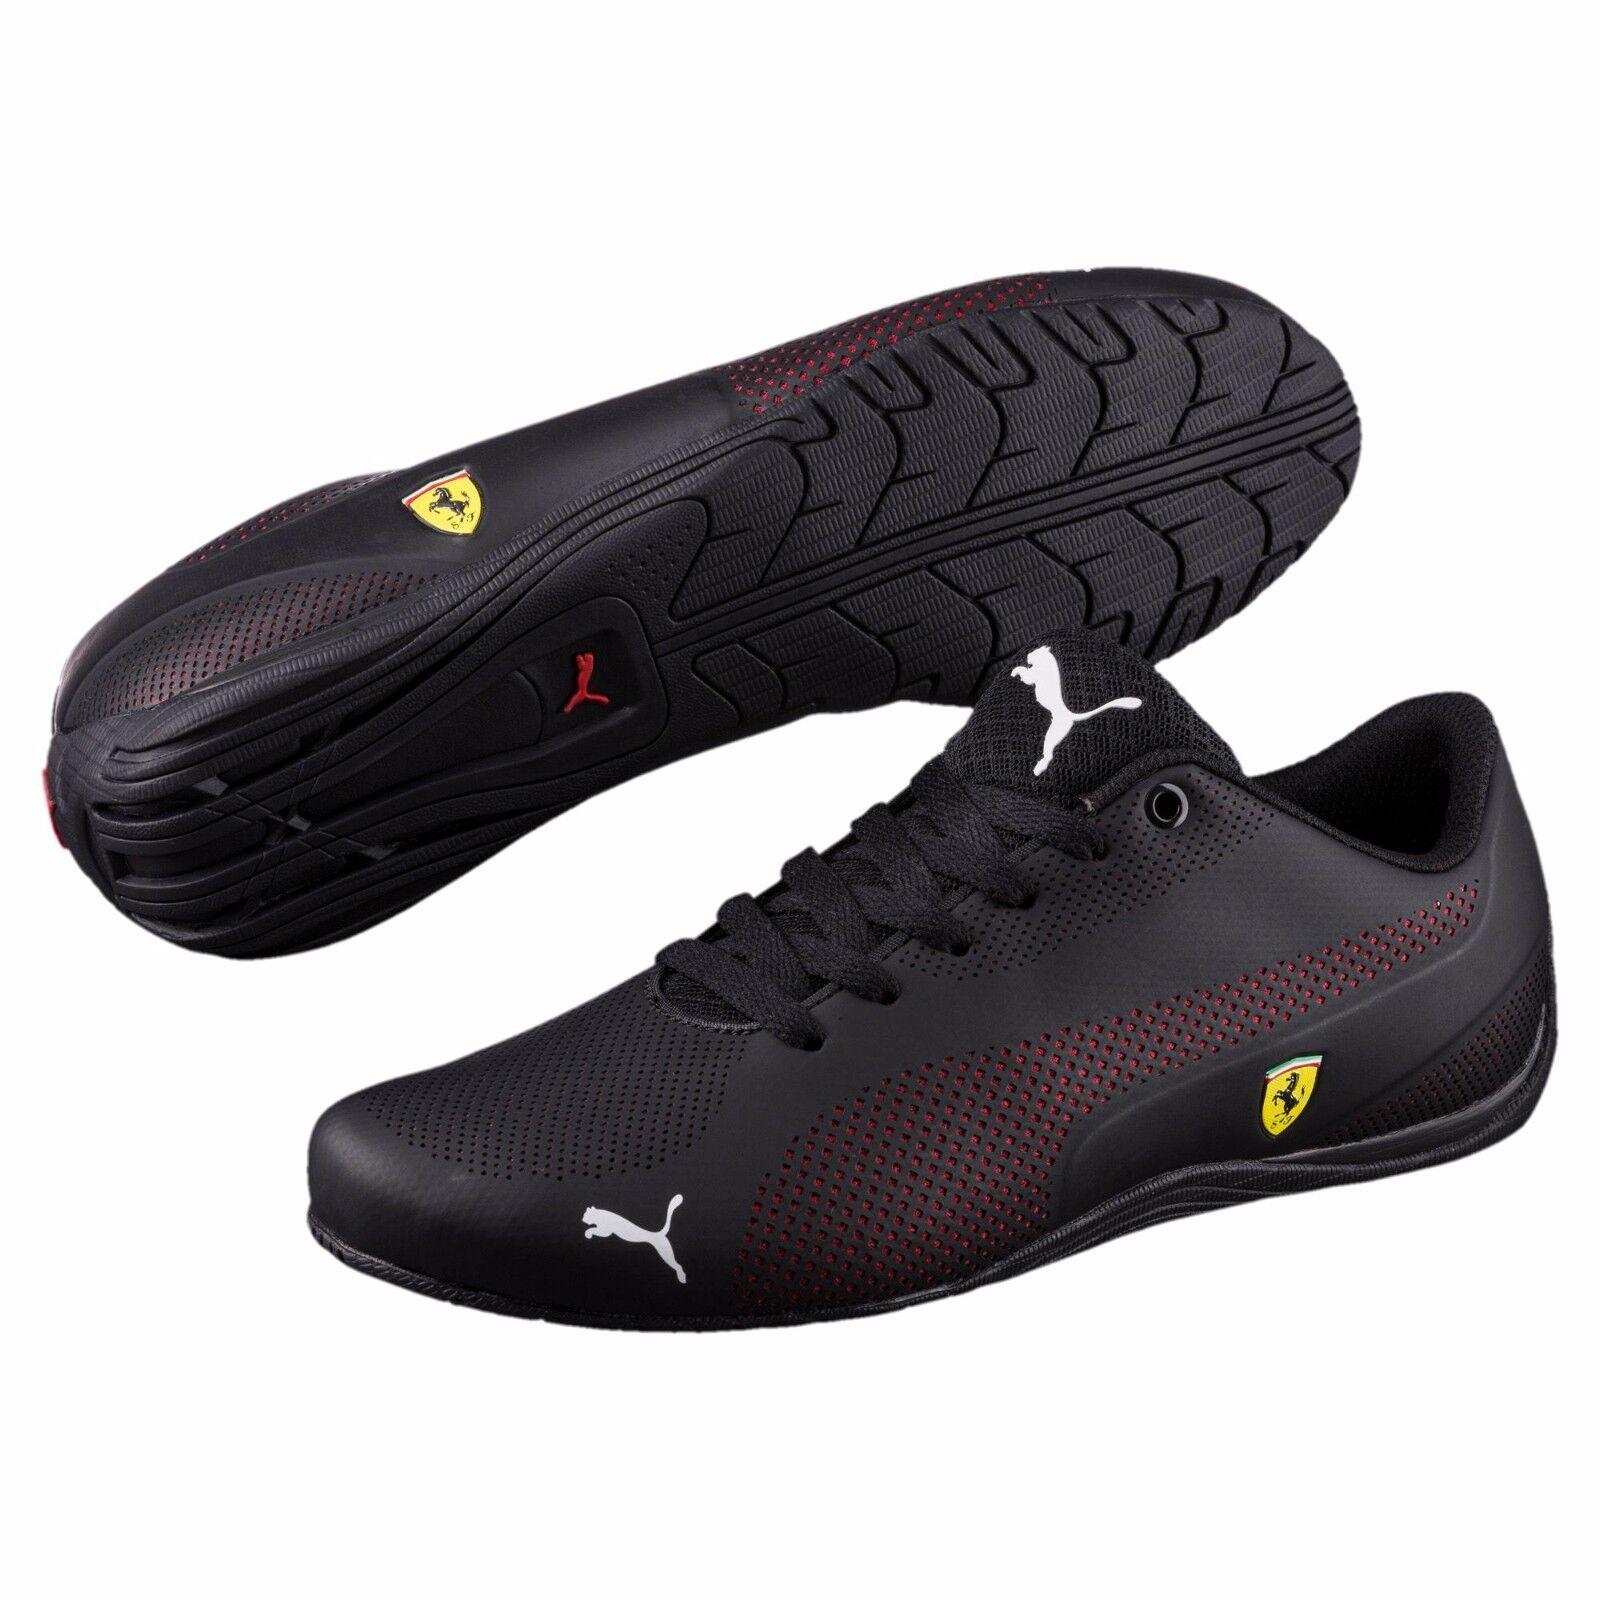 Neu in Box Herren Puma Ferrari Sf Drift Katze 5 Ultra Schuhe Schwarz 305921 02